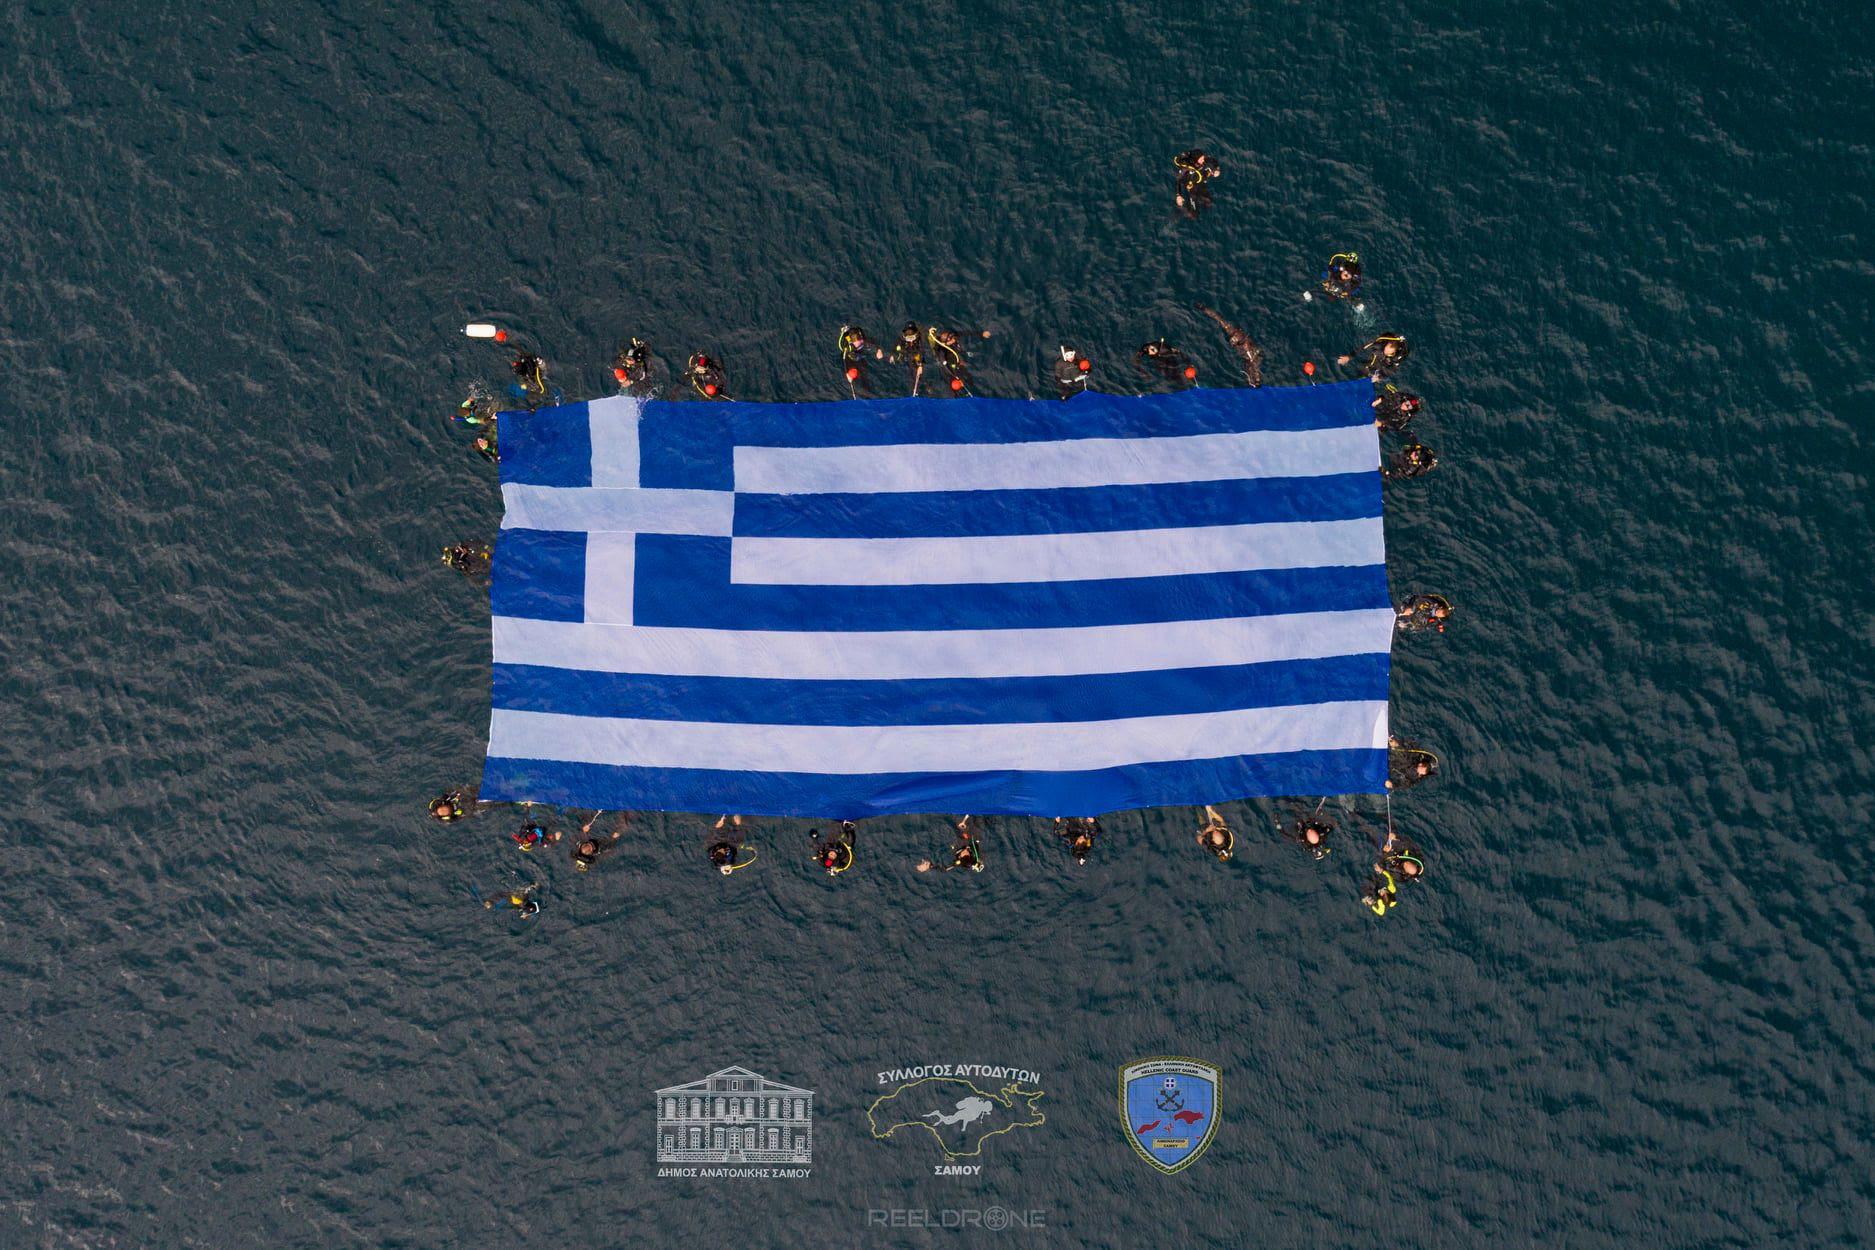 Άπλωσαν σημαία 104 τετραγωνικών μέσα στη θάλασσα της Σάμου (video)